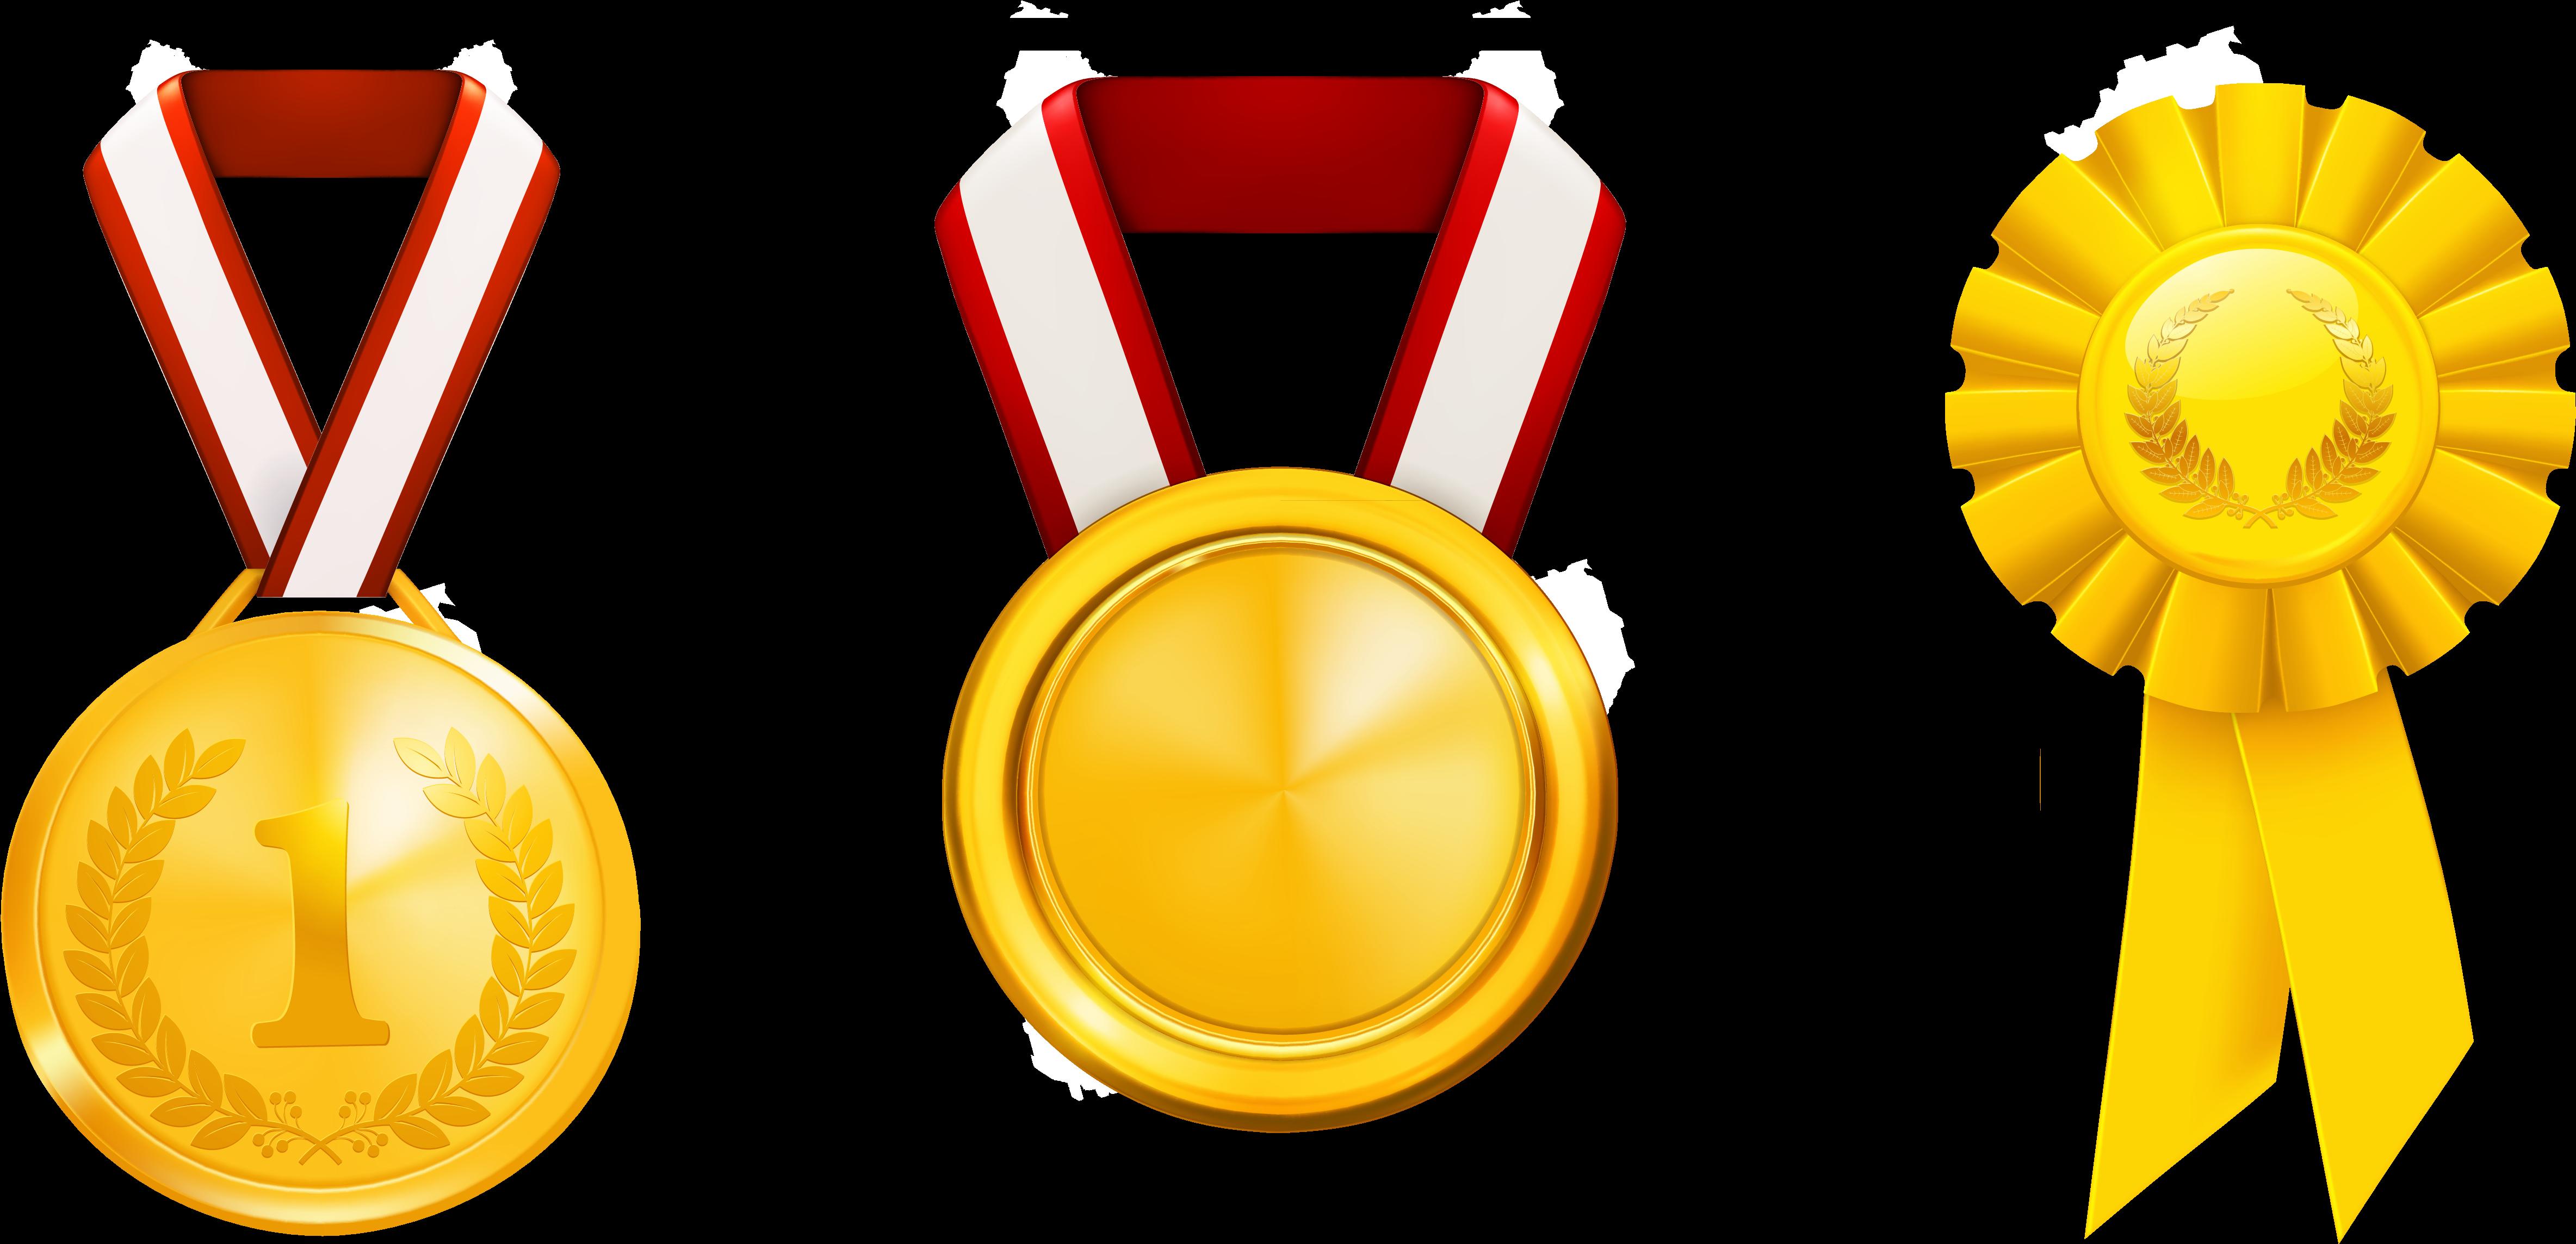 услуги картинки медалей нарисованы порше